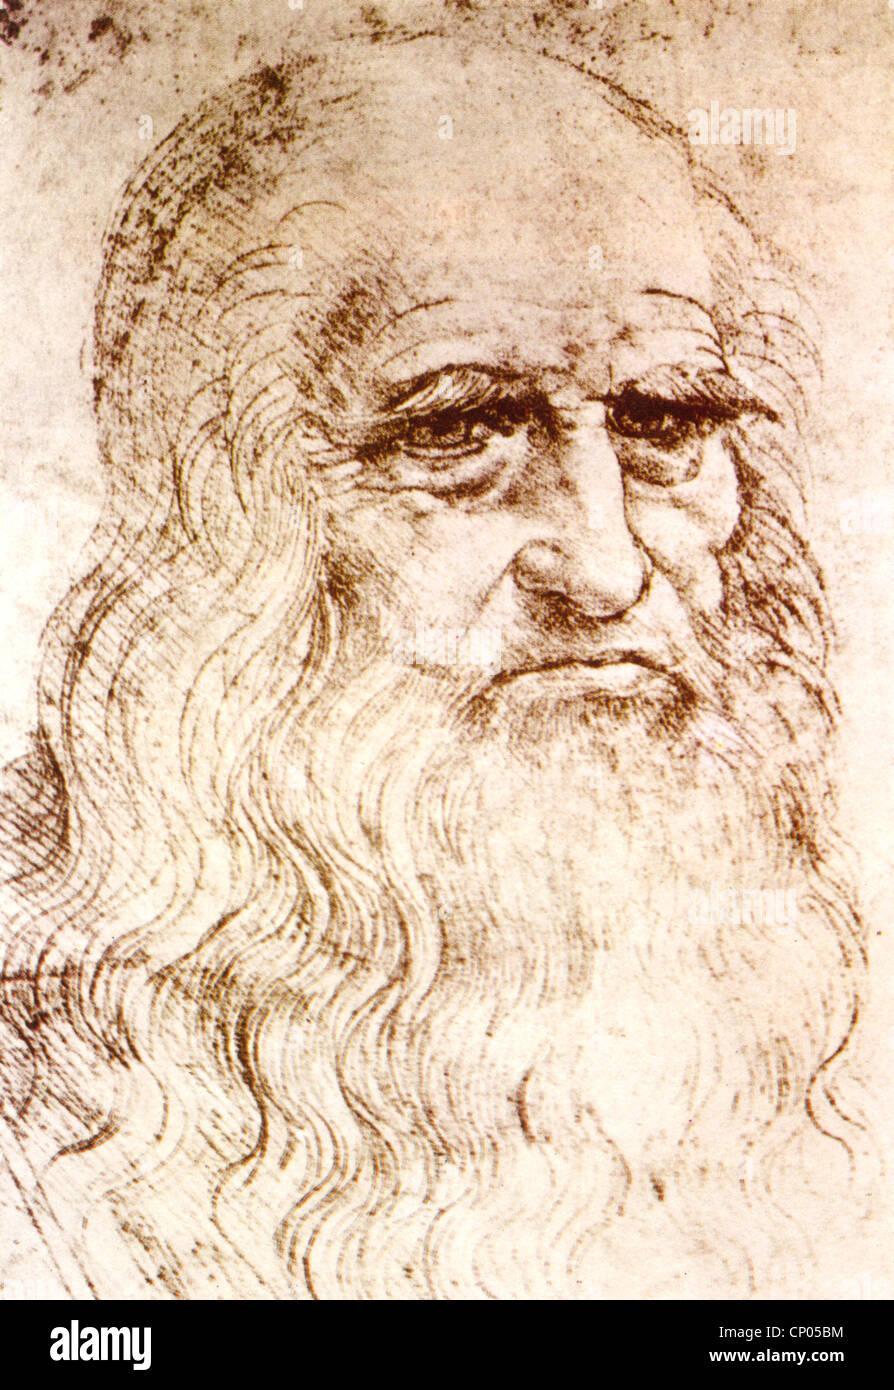 LEONARDO DA VINCI (1452-1519) el polímata renacentista italiano - autorretrato en Tiza roja alrededor de 1514 Imagen De Stock